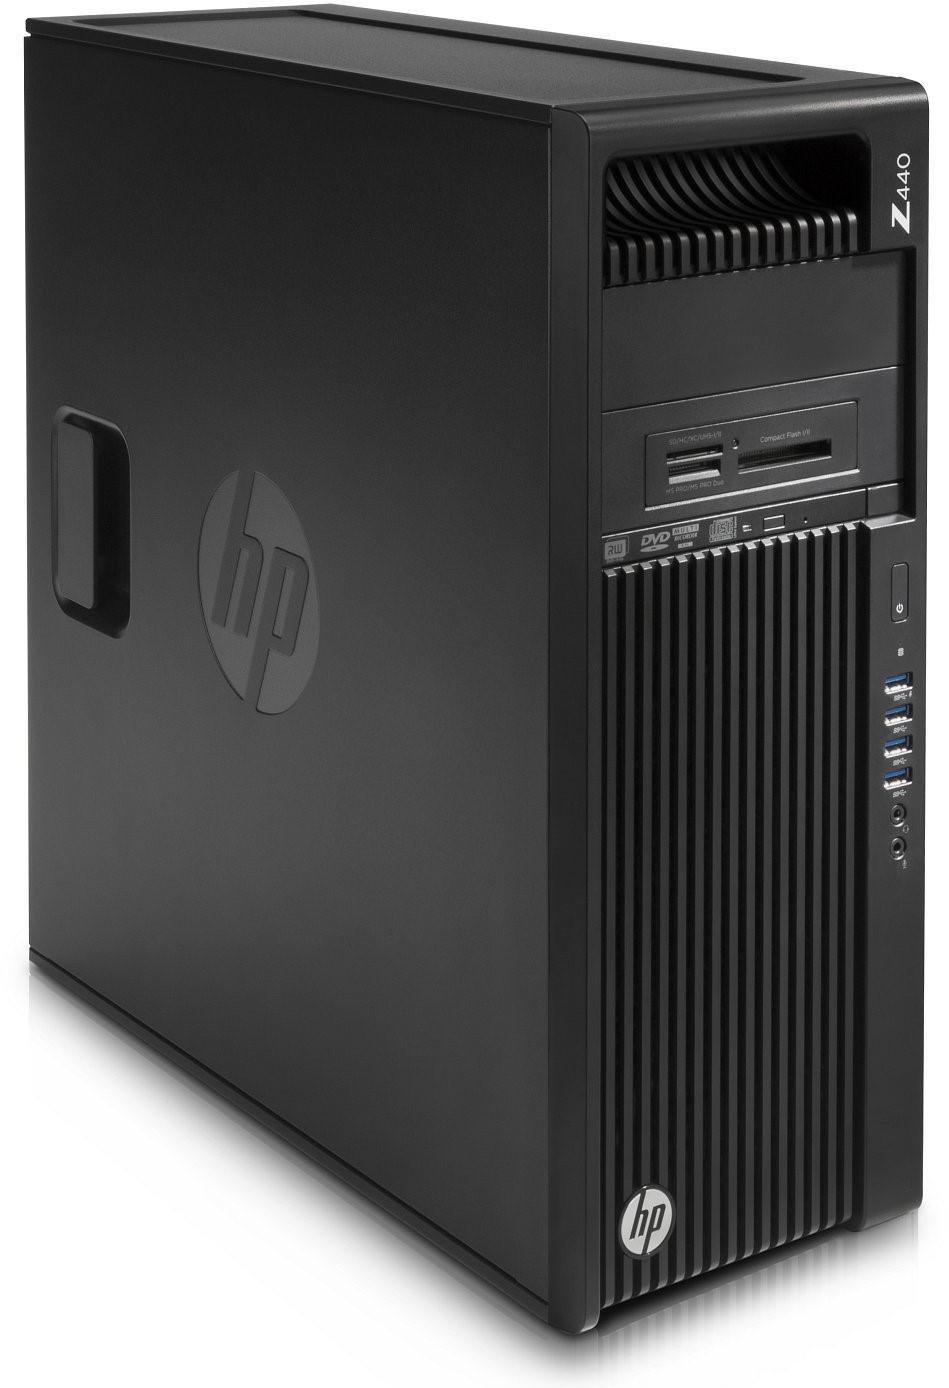 HP Compaq Z440 Workstation